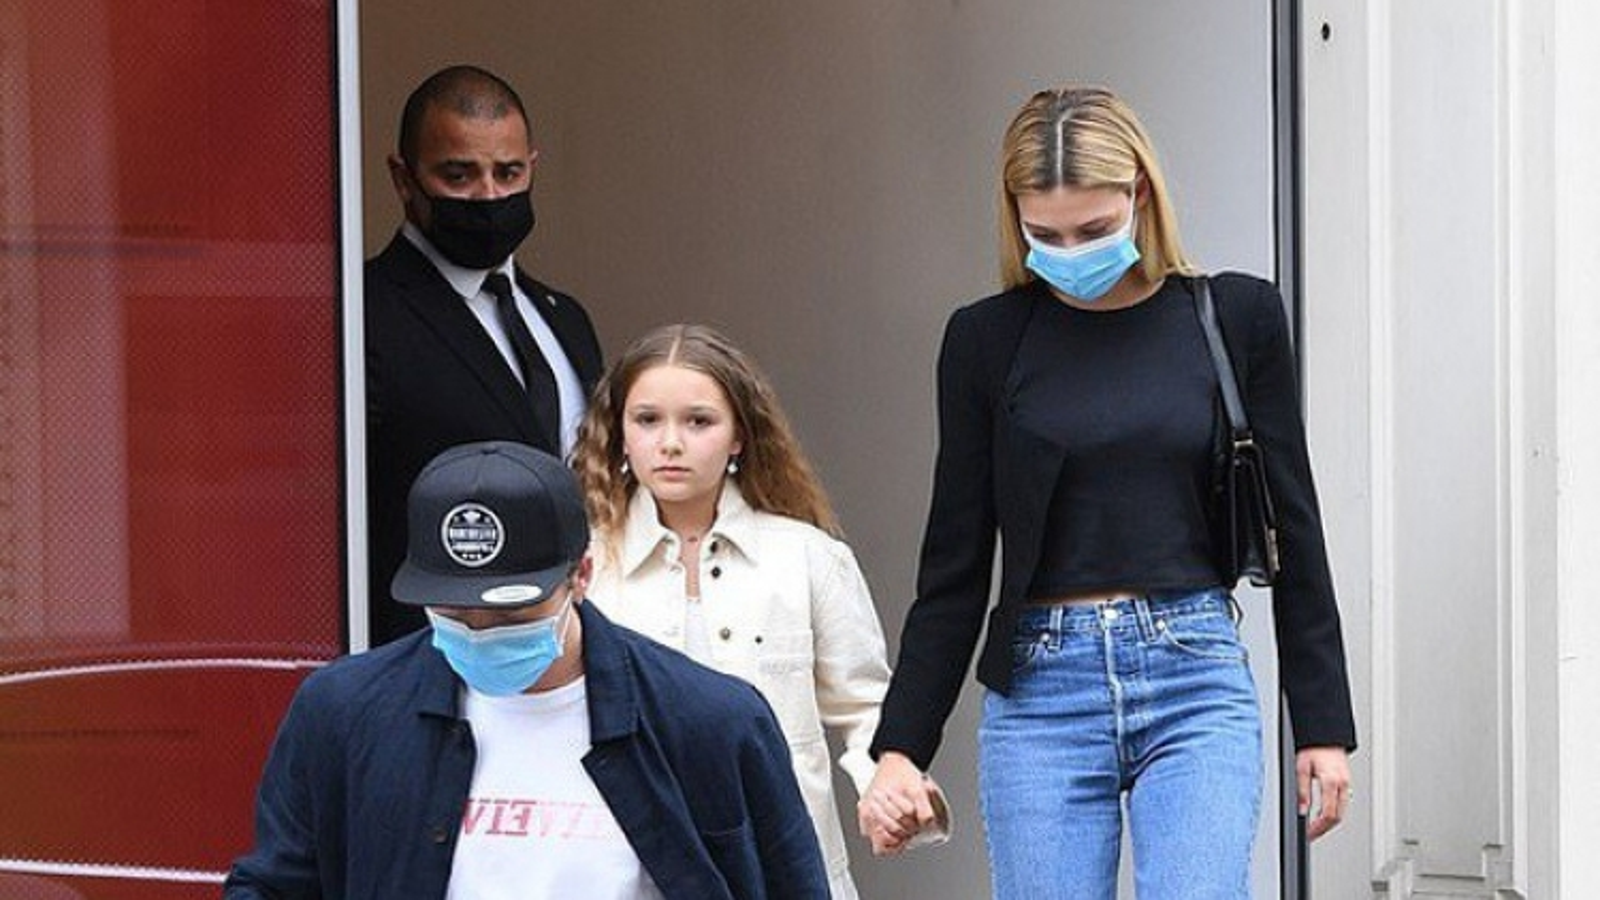 Con trai David Beckham và bạn gái mặc đồ đồng điệu đi mua sắm ở London